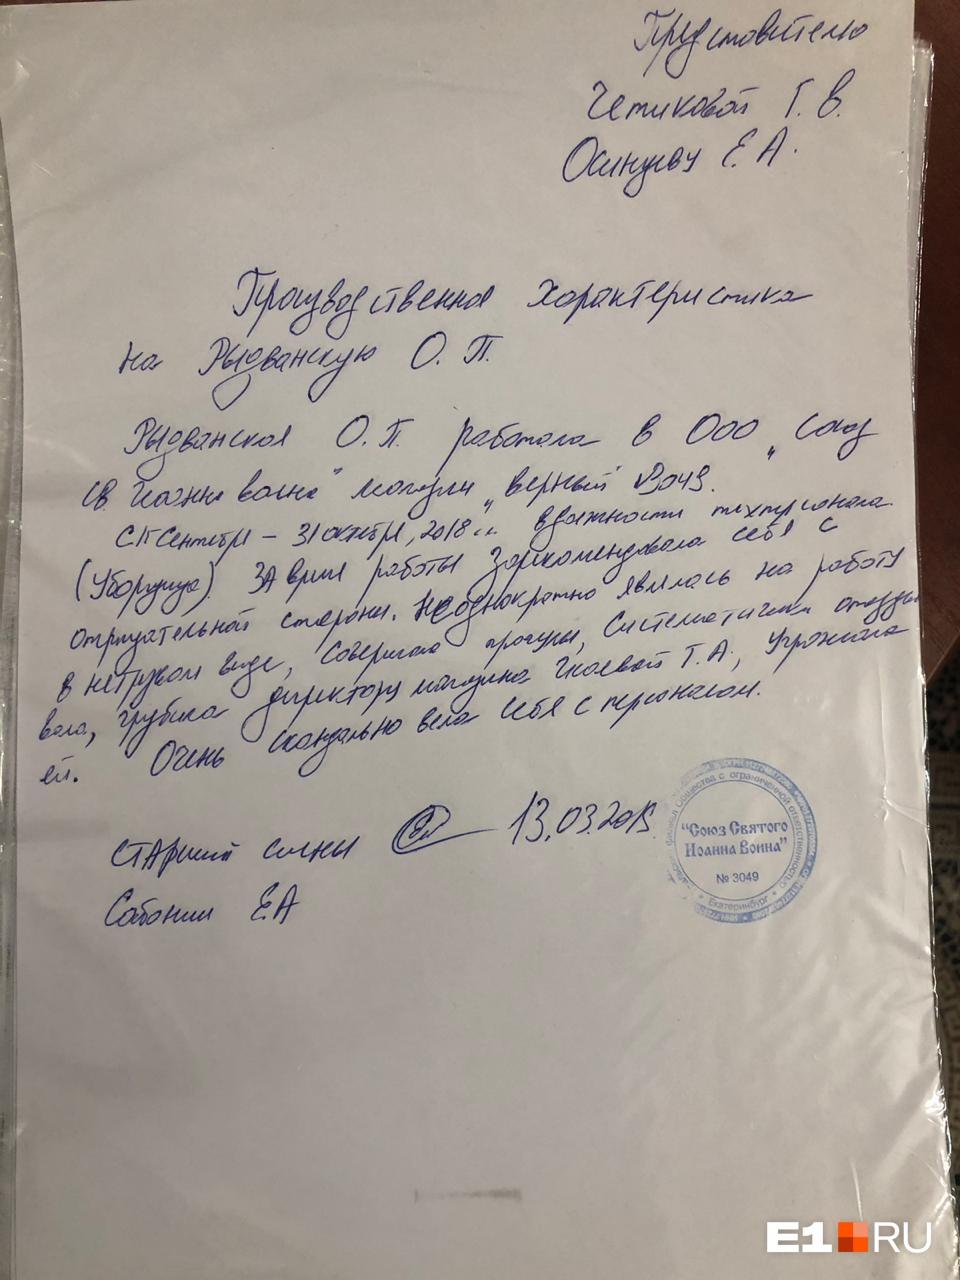 Галина Викторовна вместе с юристами собирала характеристики на Оксану, чтобы выиграть суд